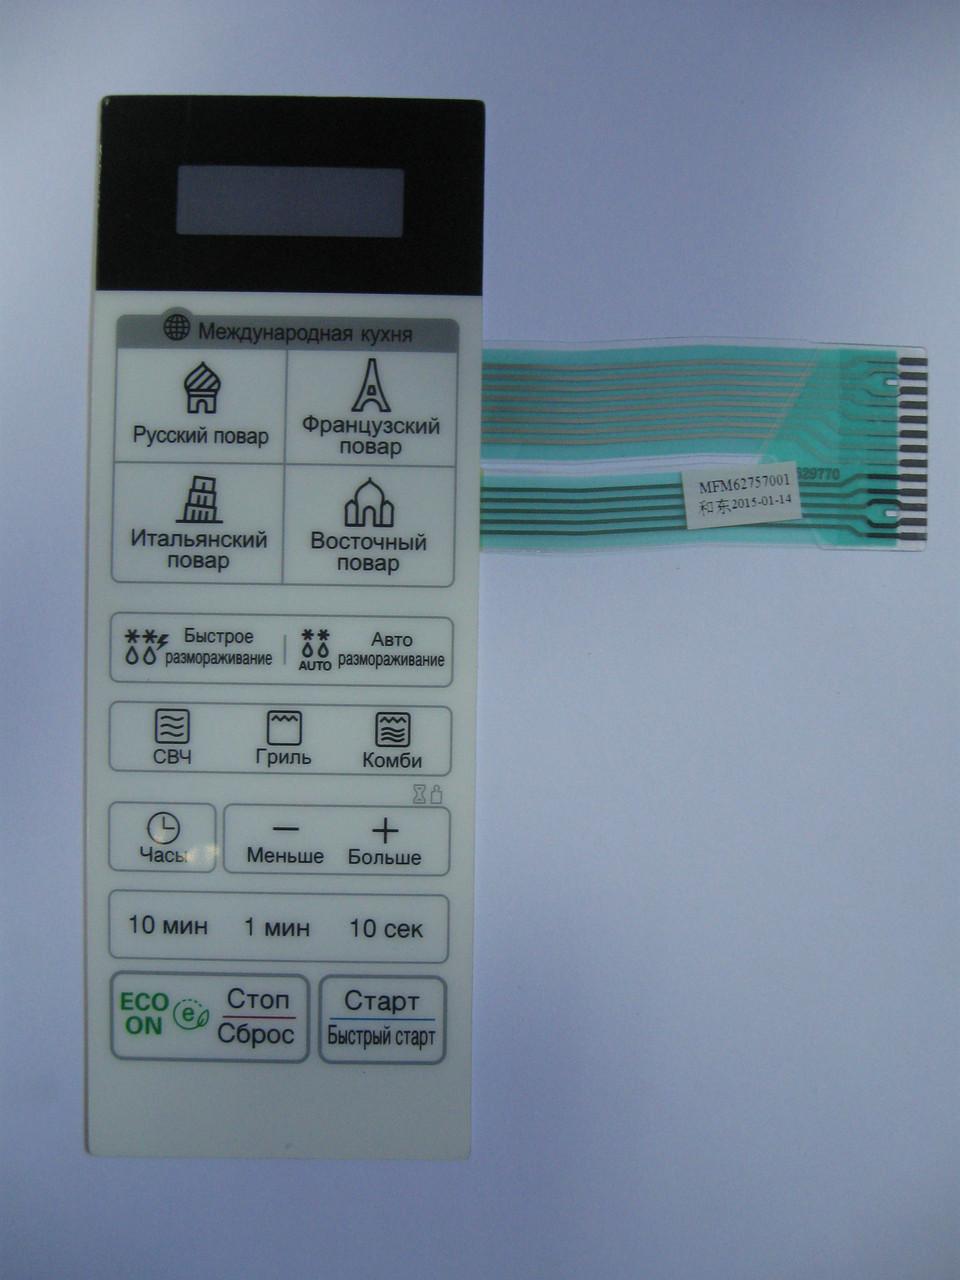 Мембрана управления микроволновой печи LG MB4042D, MFM62757001